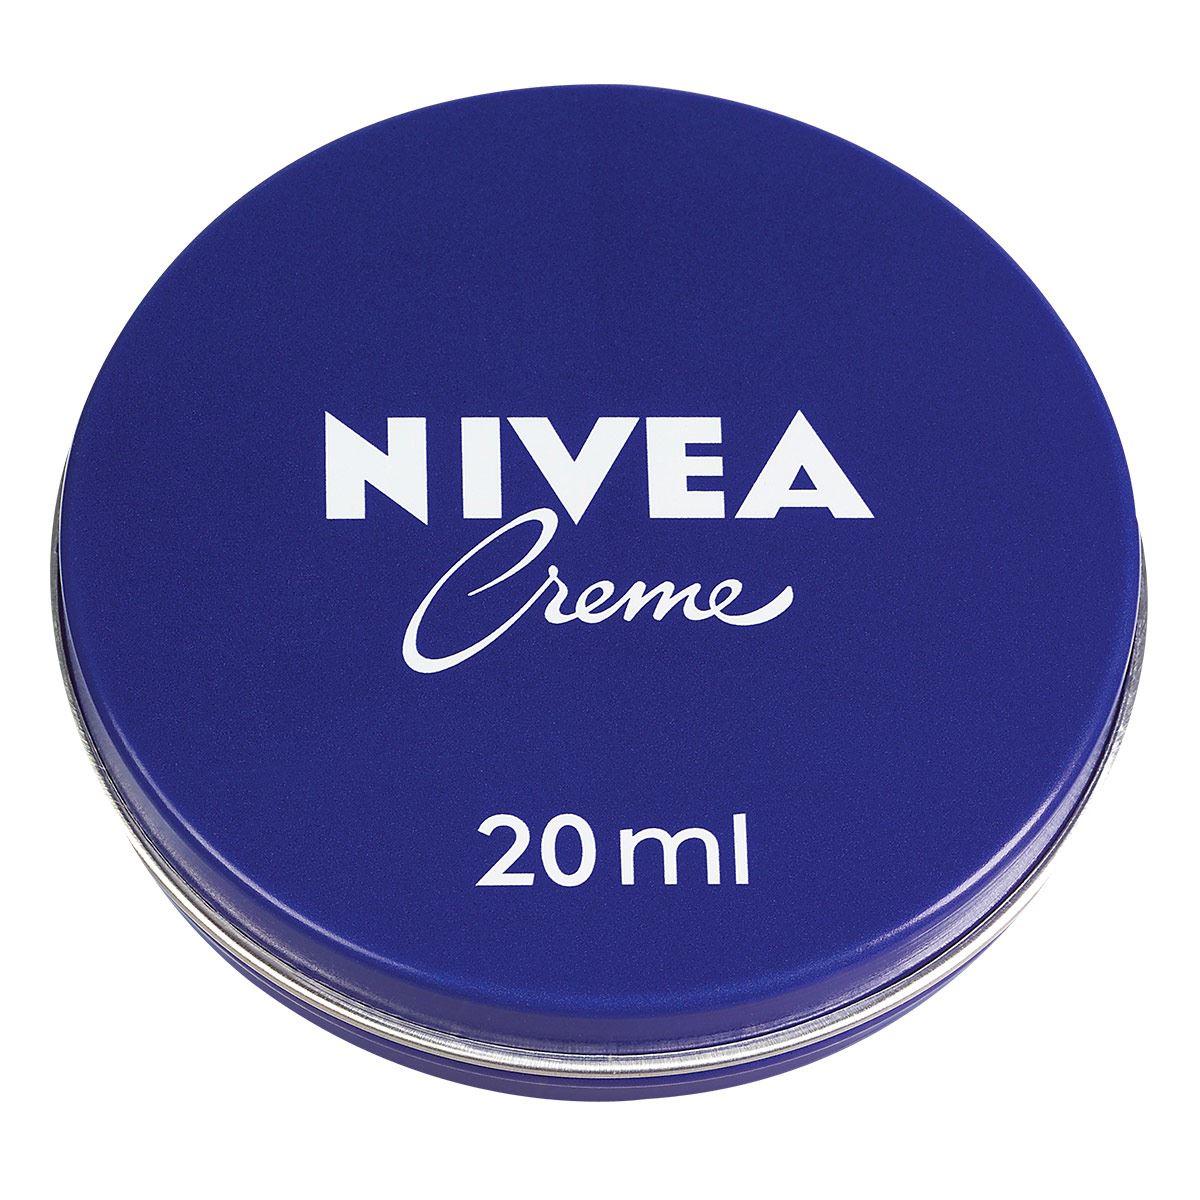 Nivea Creme Lata 20ml